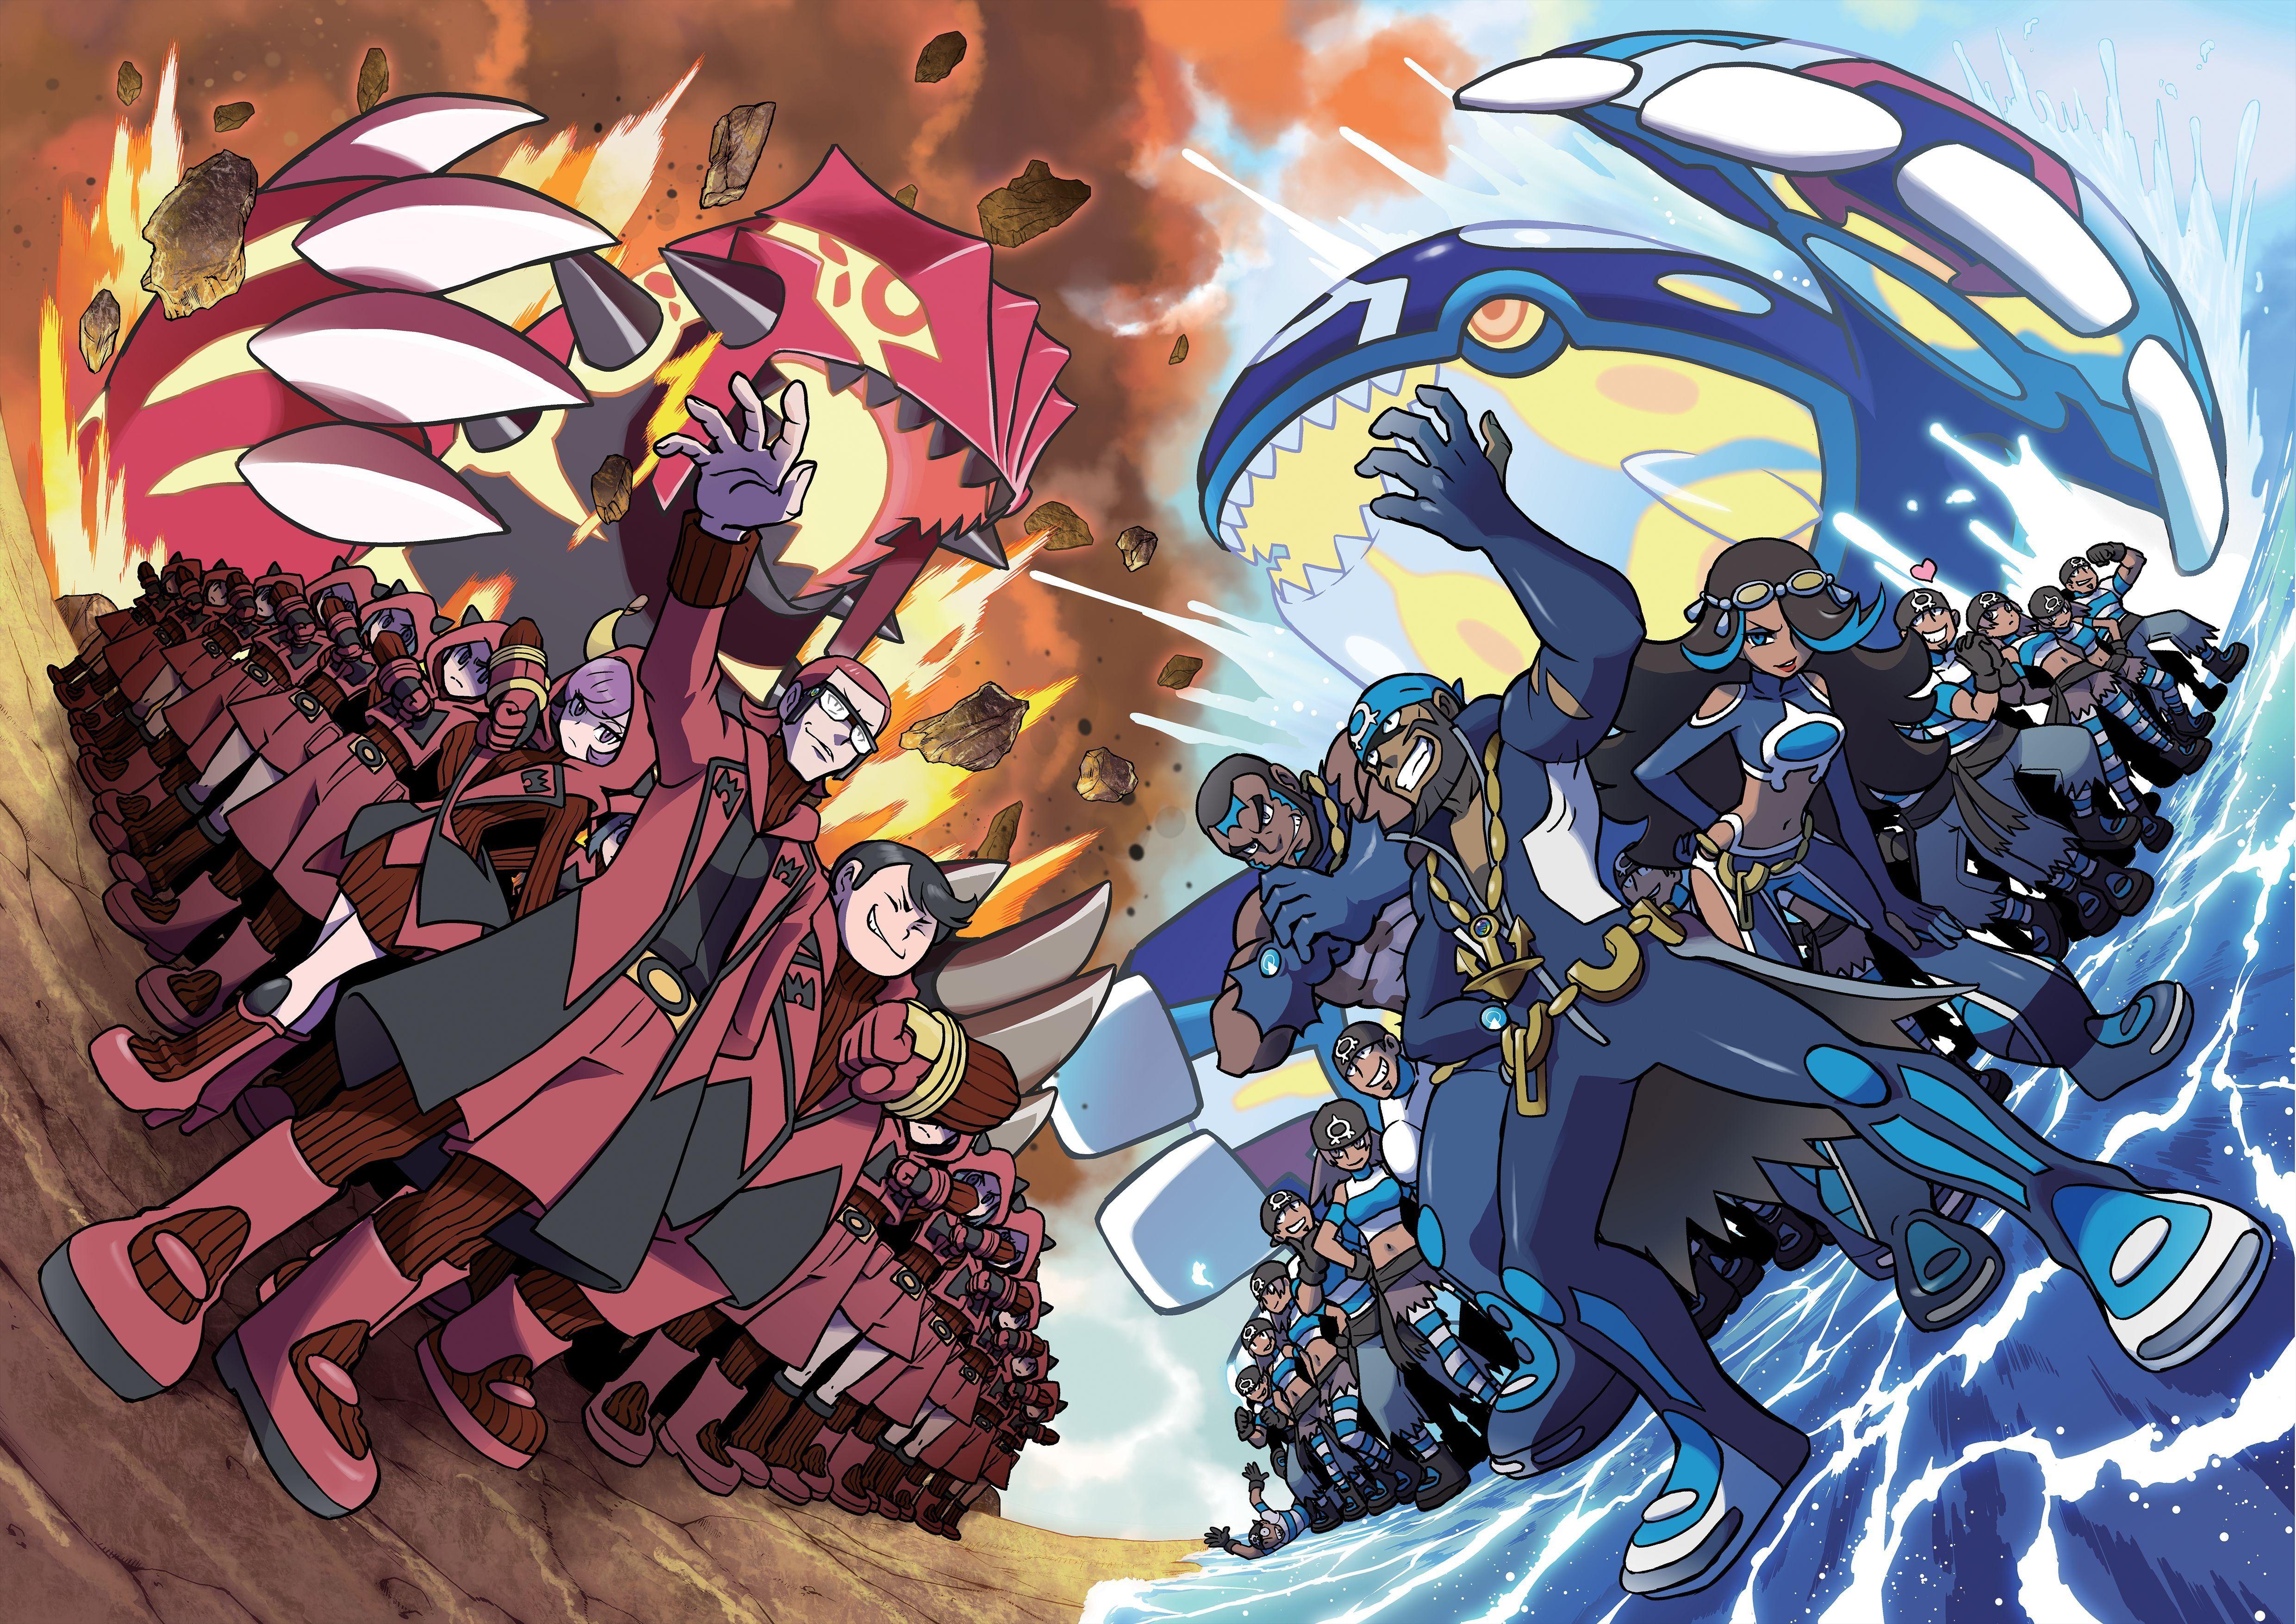 Anime Pokemon Pokémon Kyogre Groudon Team Magma Team Aqua Wallpaper